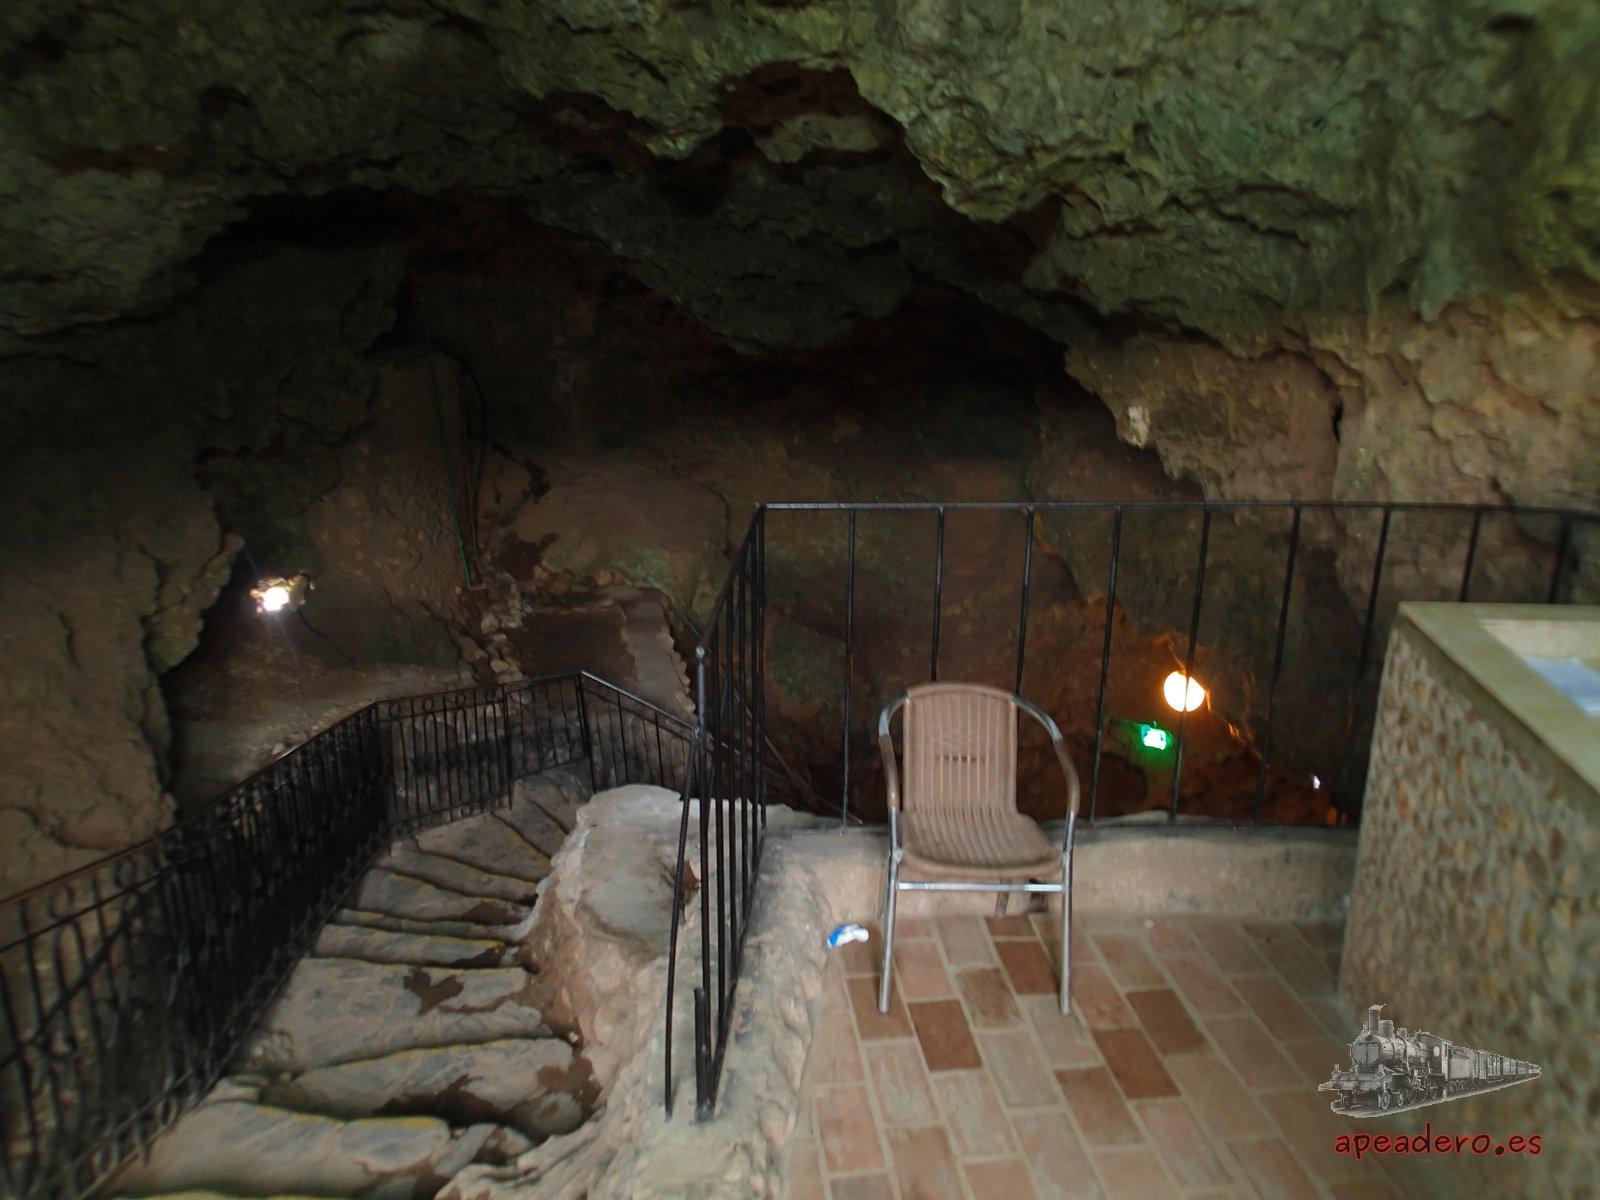 En Trinidad hay una curiosa discoteca dentro de una cueva. Todas las noches está abierta.